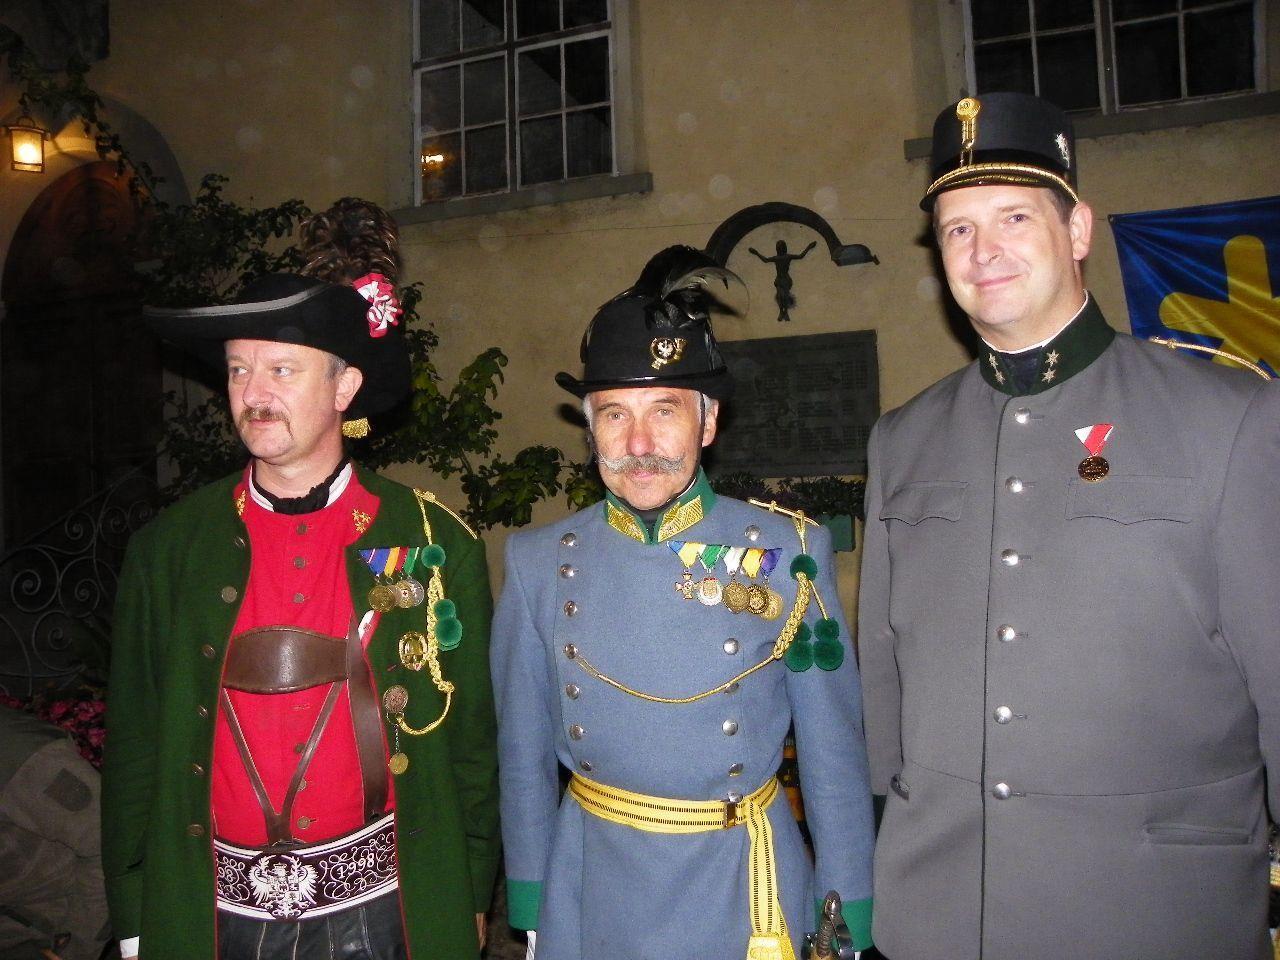 Eisele Sigfried, Werner Beer und  Michael Lautenschlager in historischen Traditionsuniformen